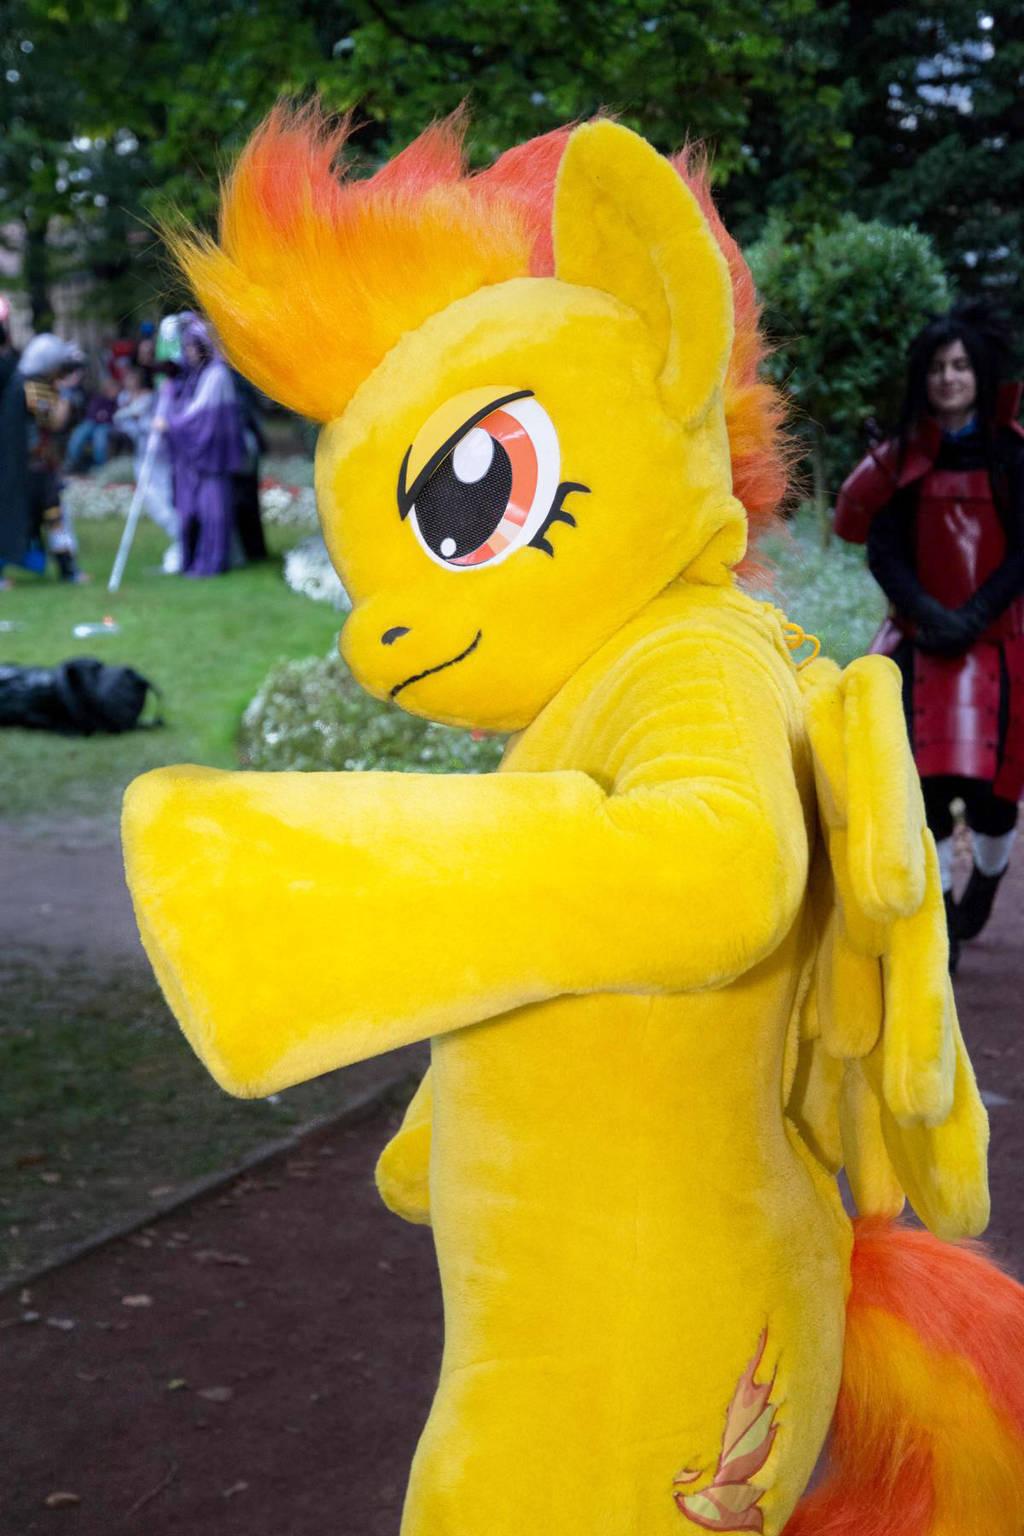 Spitfire [My little Pony] Costume (Fursuit) by Miru-sama